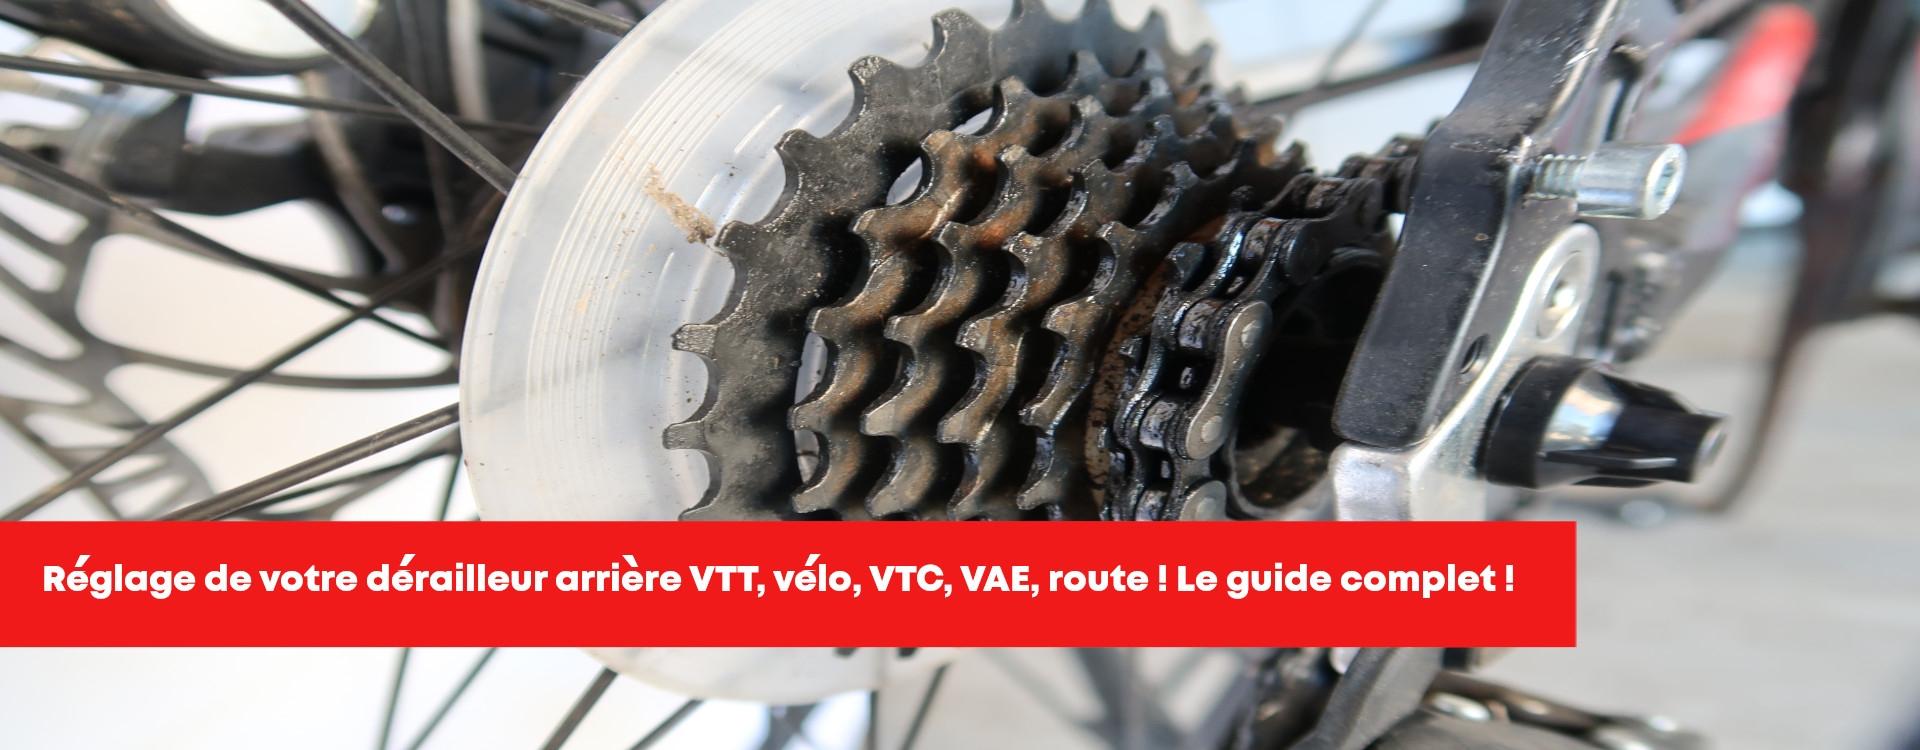 Réglage dérailleur arrière vélo, VTT, route, Shimano, Sram, Ultegra, 105, étape par étape!